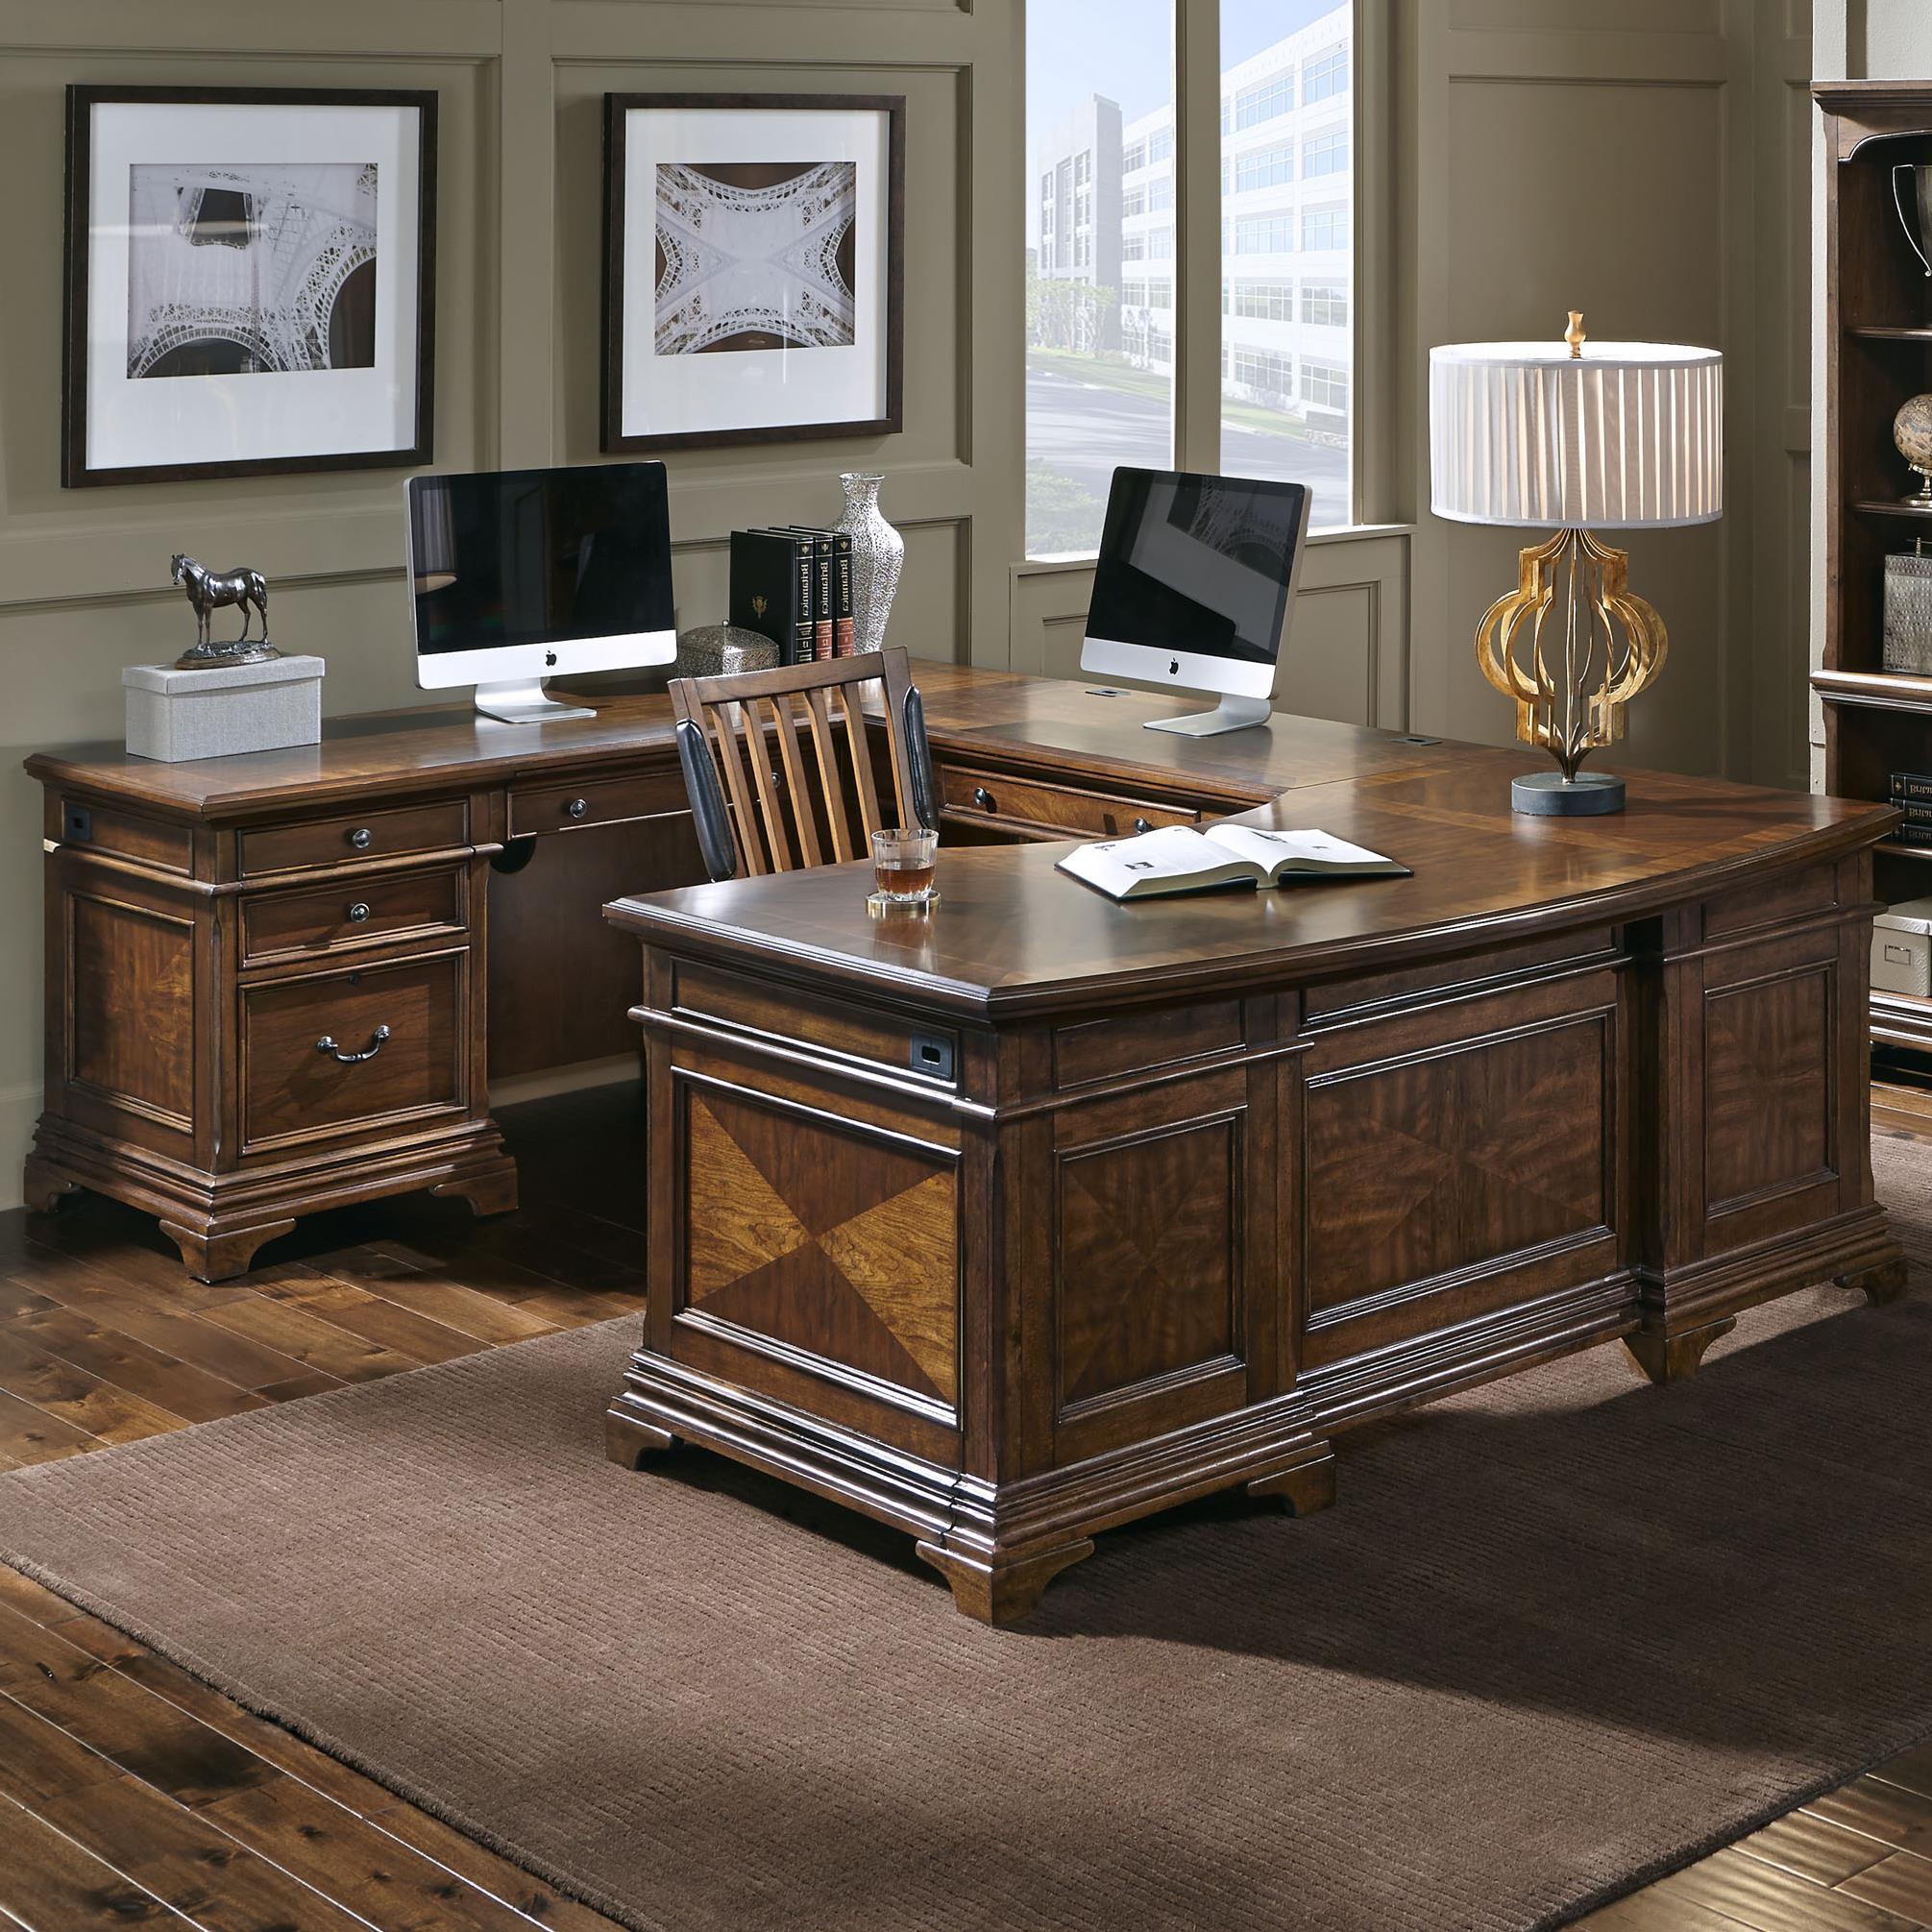 Aspenhome Hawthorne Left Facing Executive U Desk - Item Number: I26-305L+306+320L